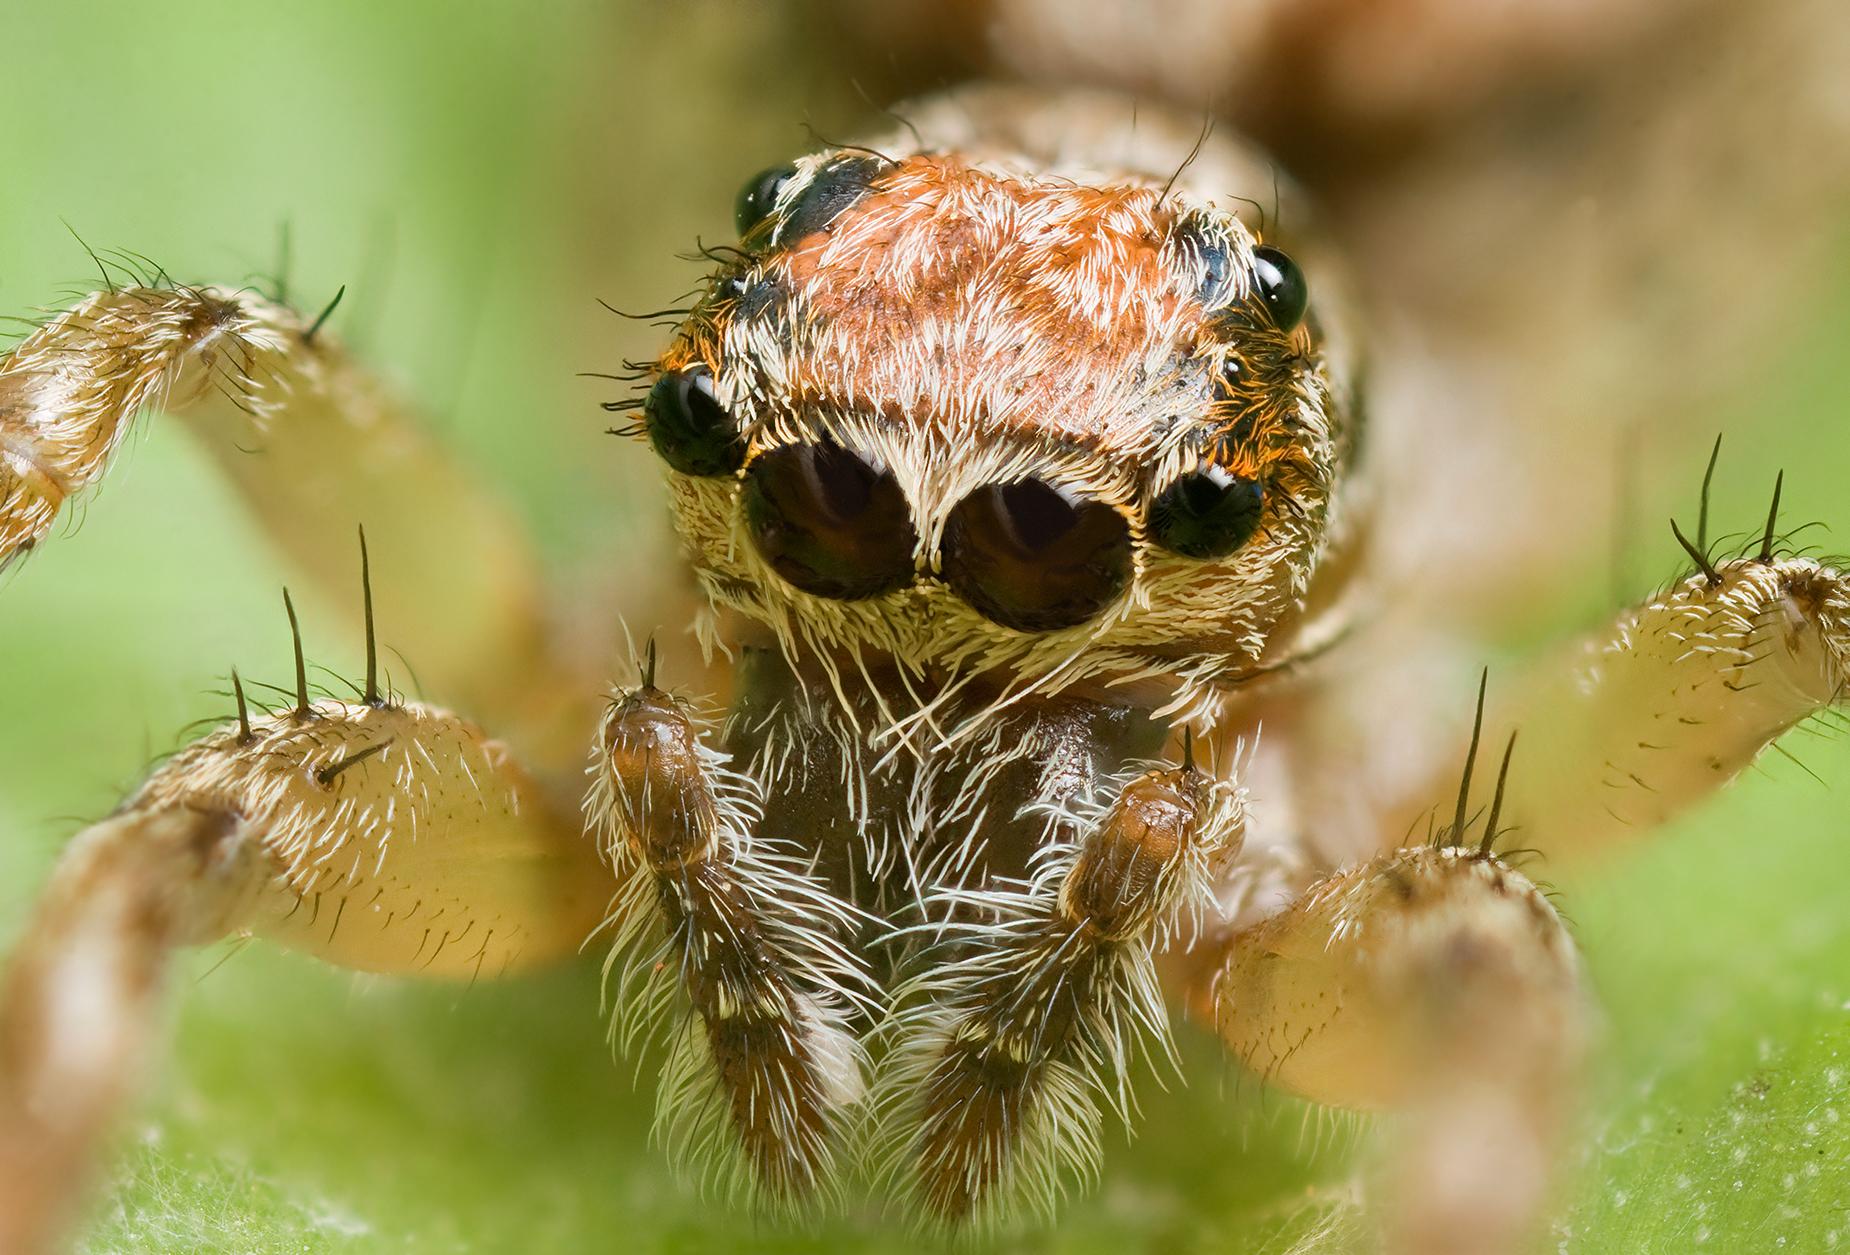 Örümcekler, sakızlar ve hemoroidin ortak yönü nedir?